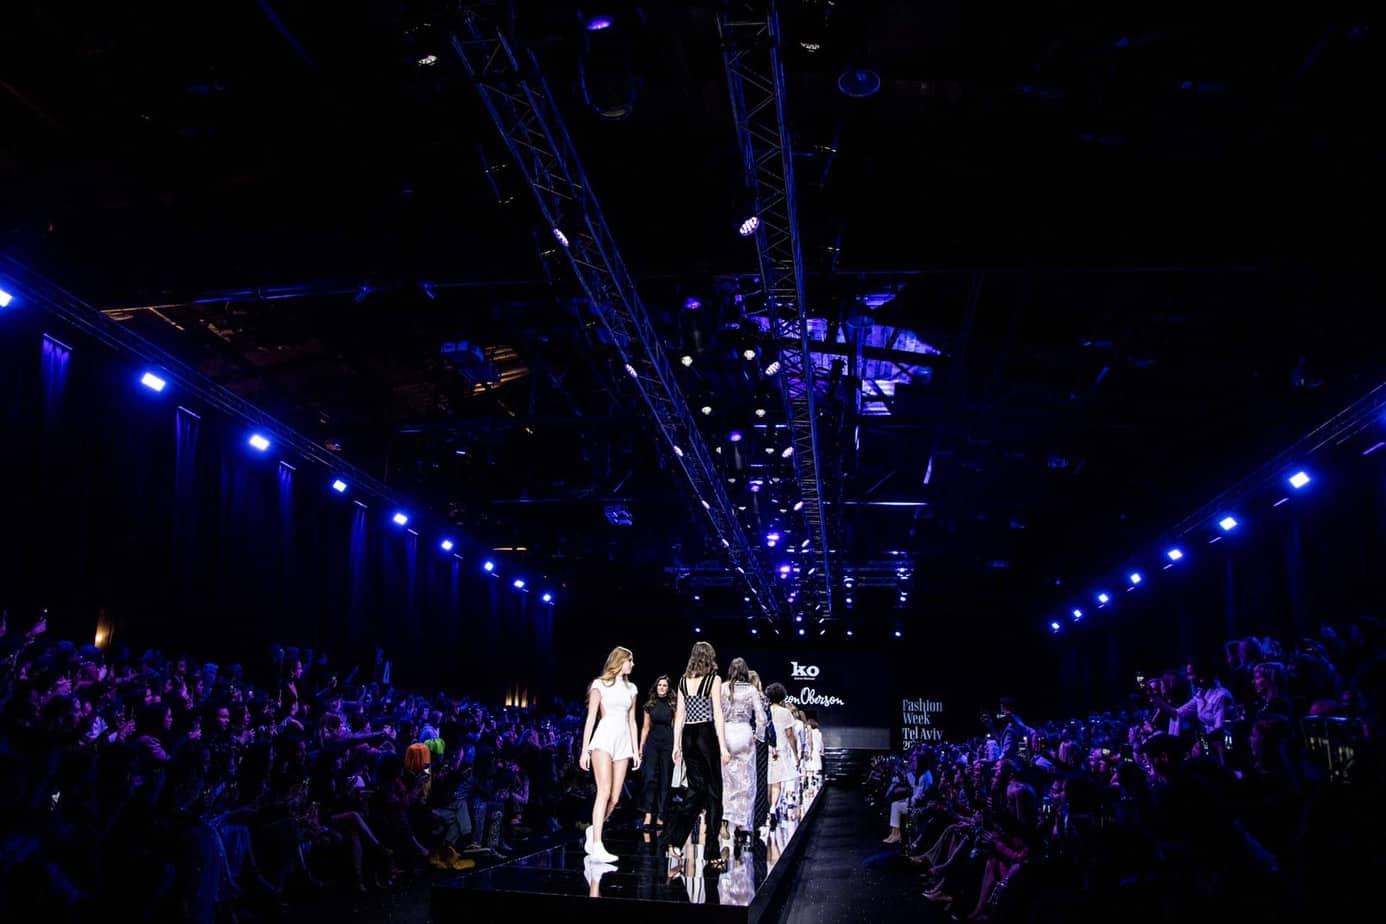 גדעון אוברזון, שבוע האופנה תל אביב 2019, צילום אלכס פרגמנט - 29